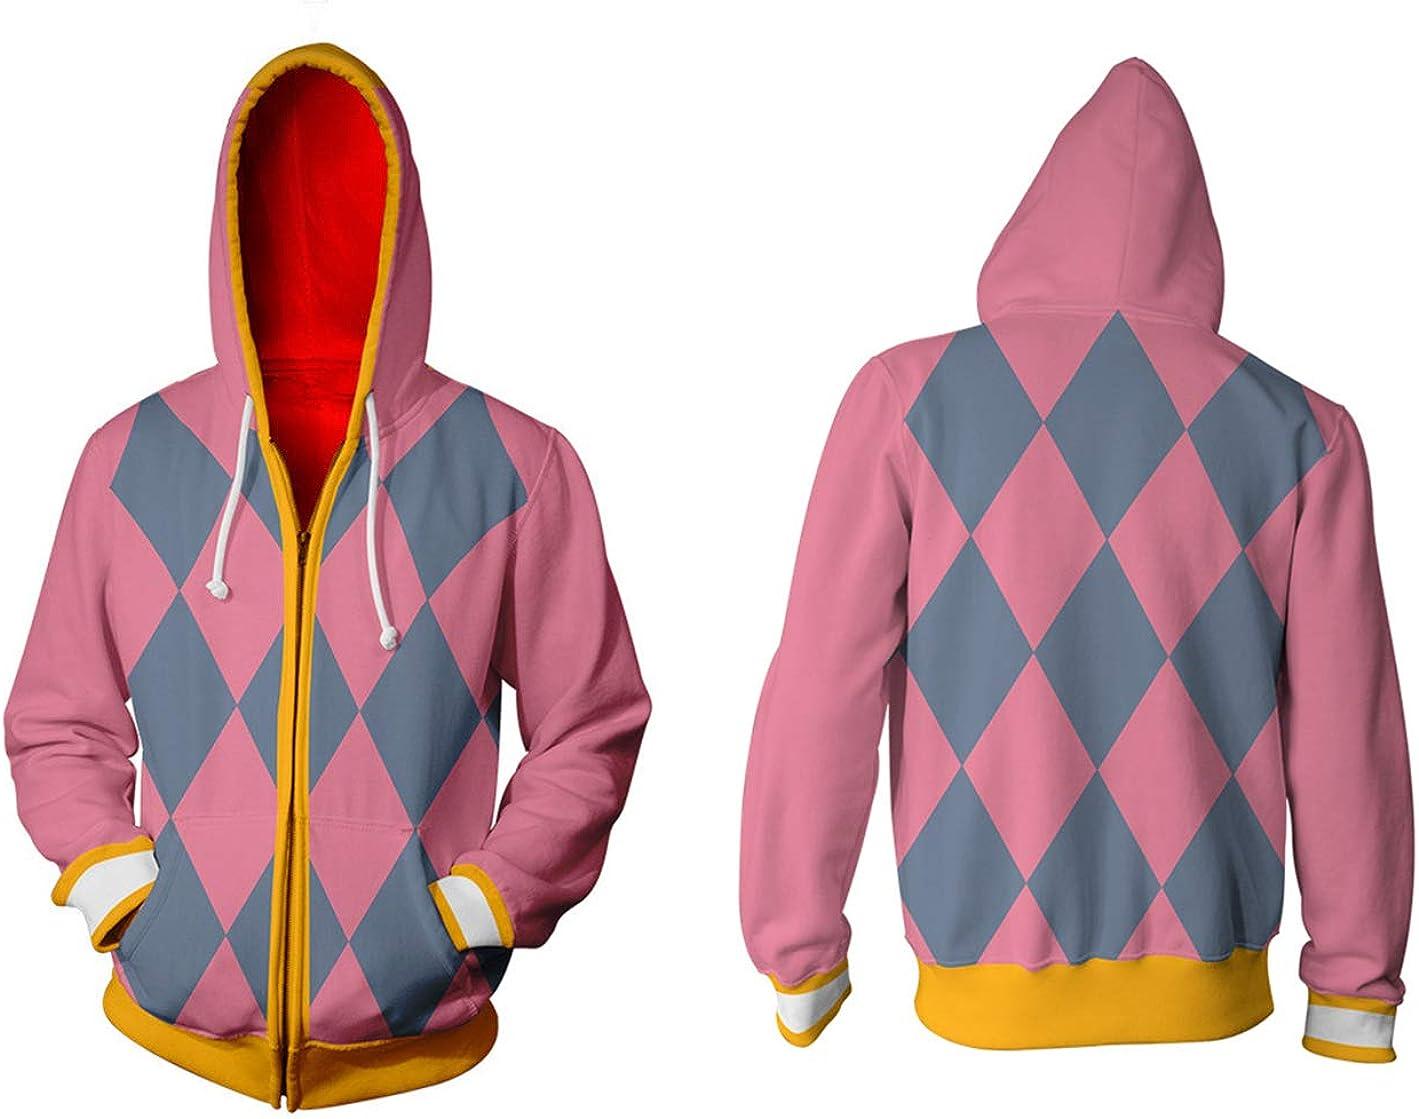 Adonis Pigou Anime Cosplay Hoodies Sweatshirt Hooded Jackets Tops Coats Costume